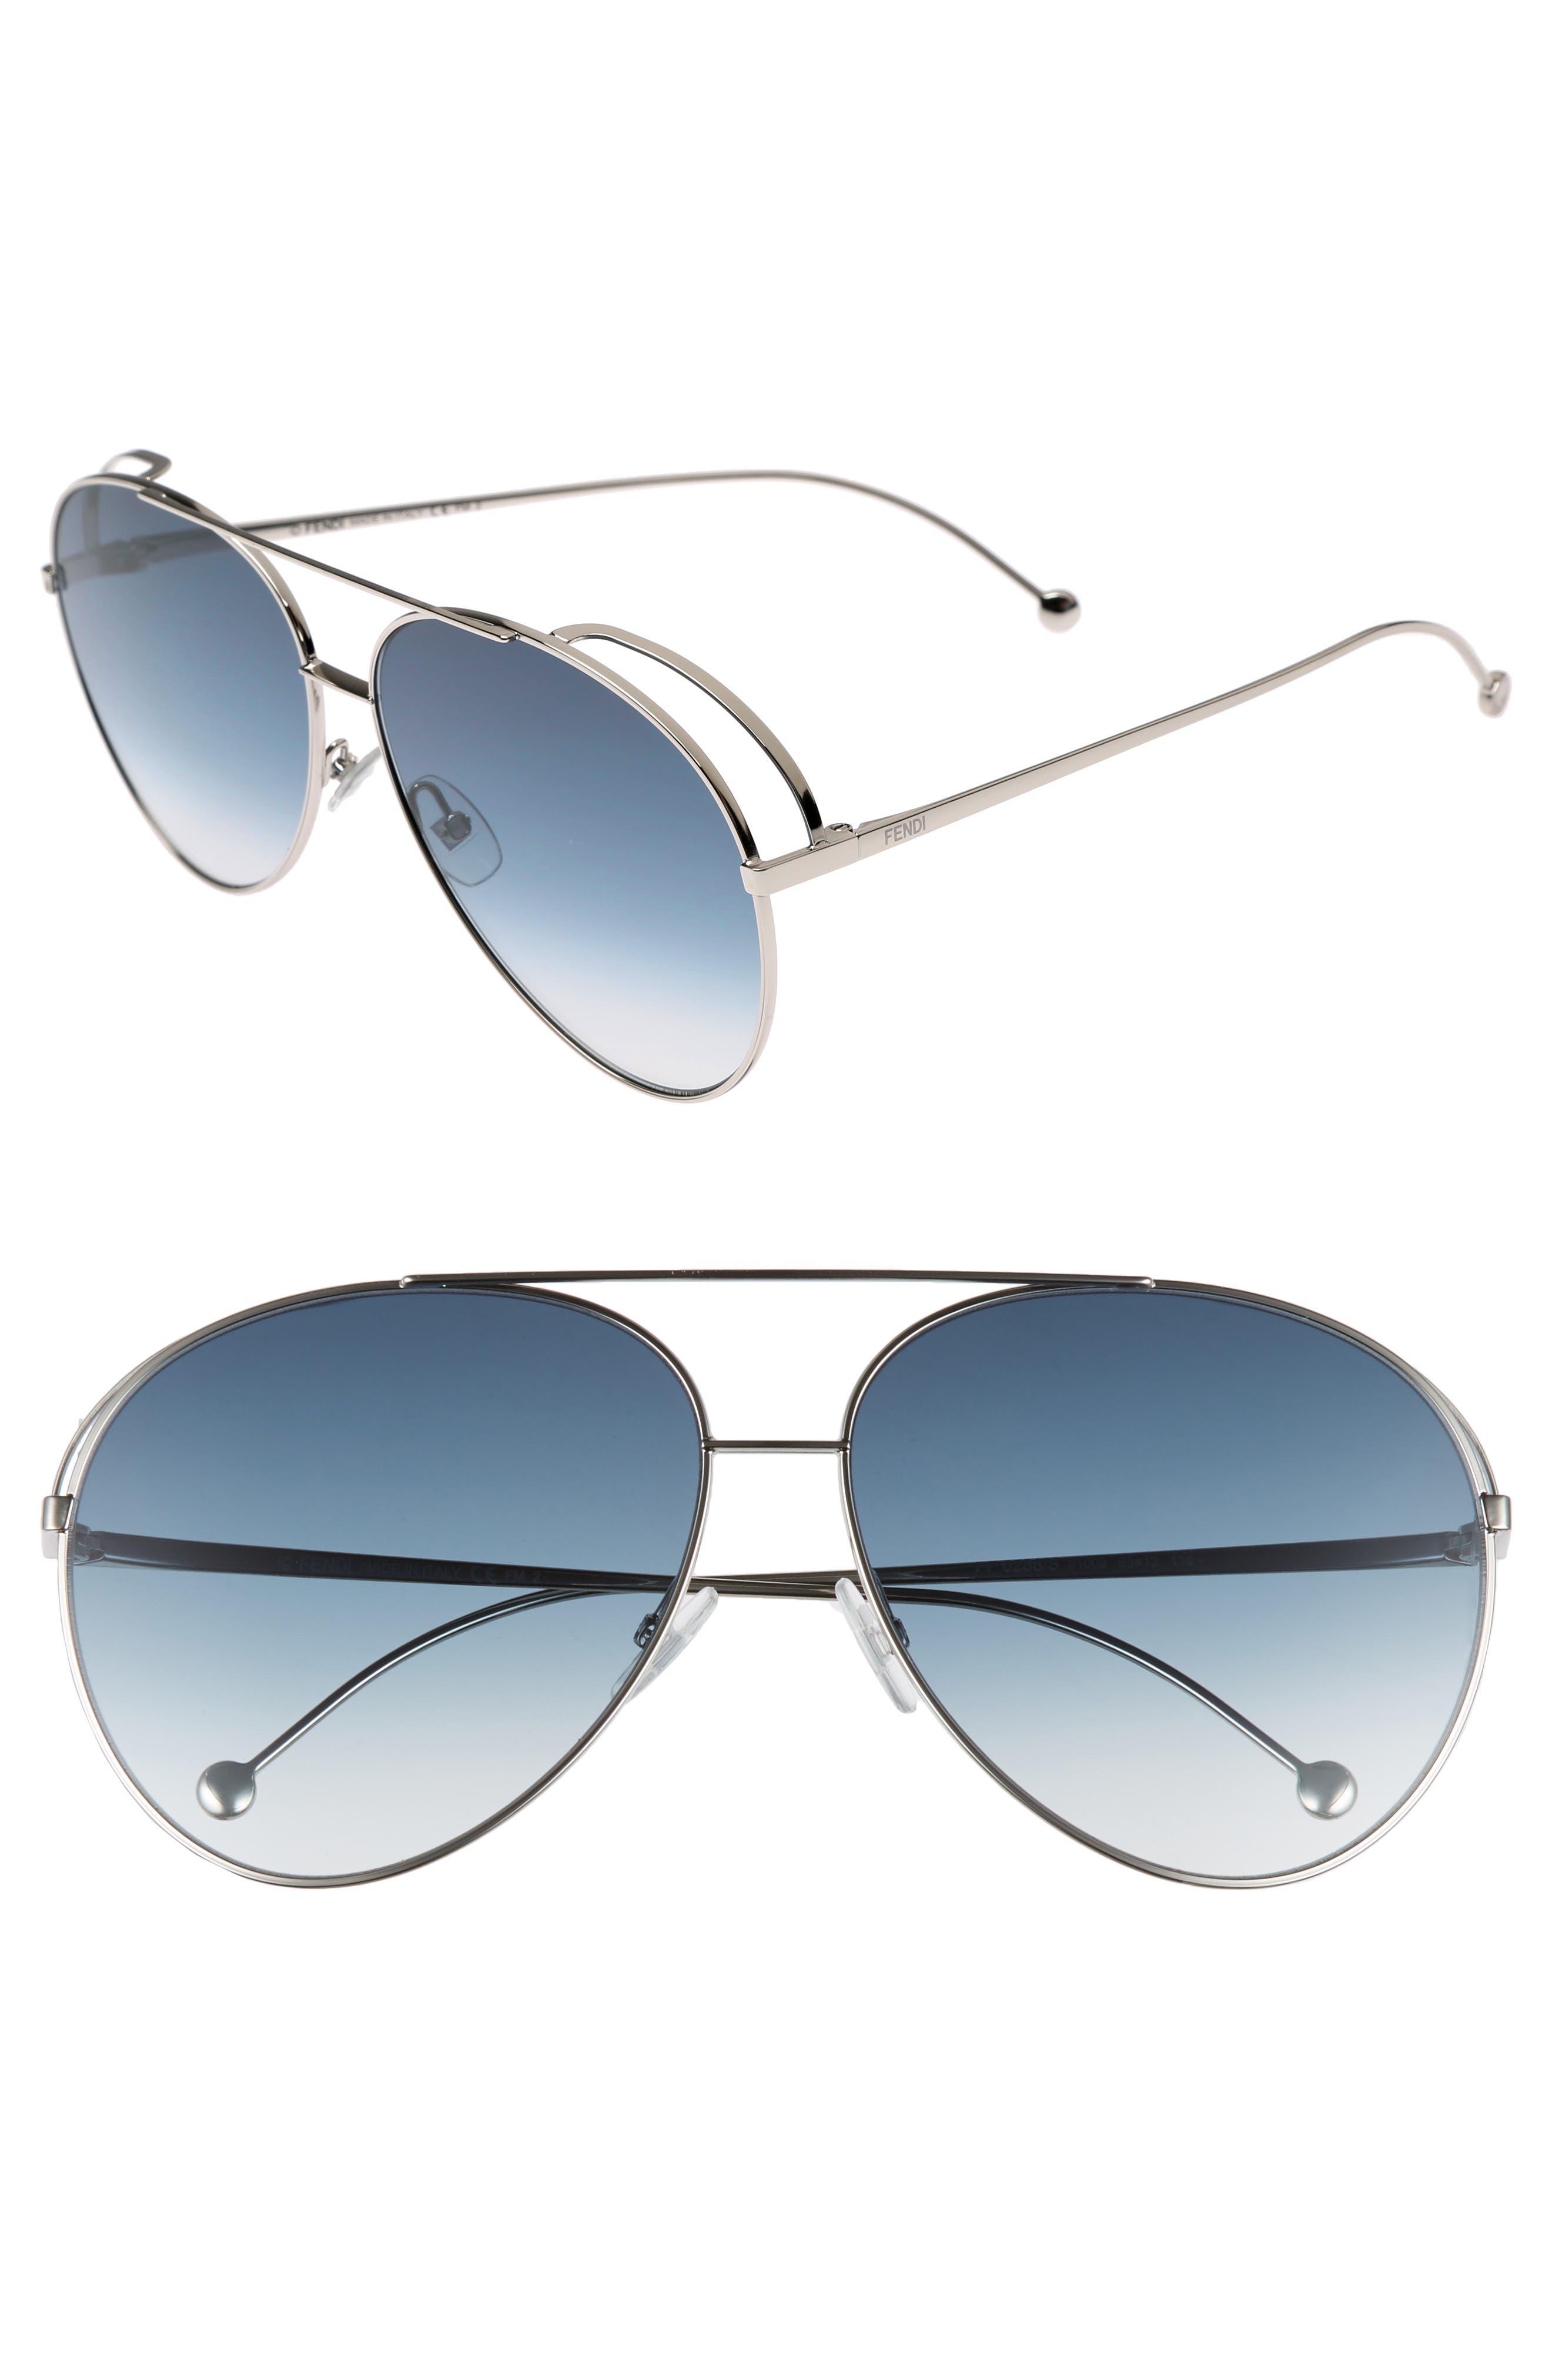 Main Image - Fendi 52mm Aviator Sunglasses